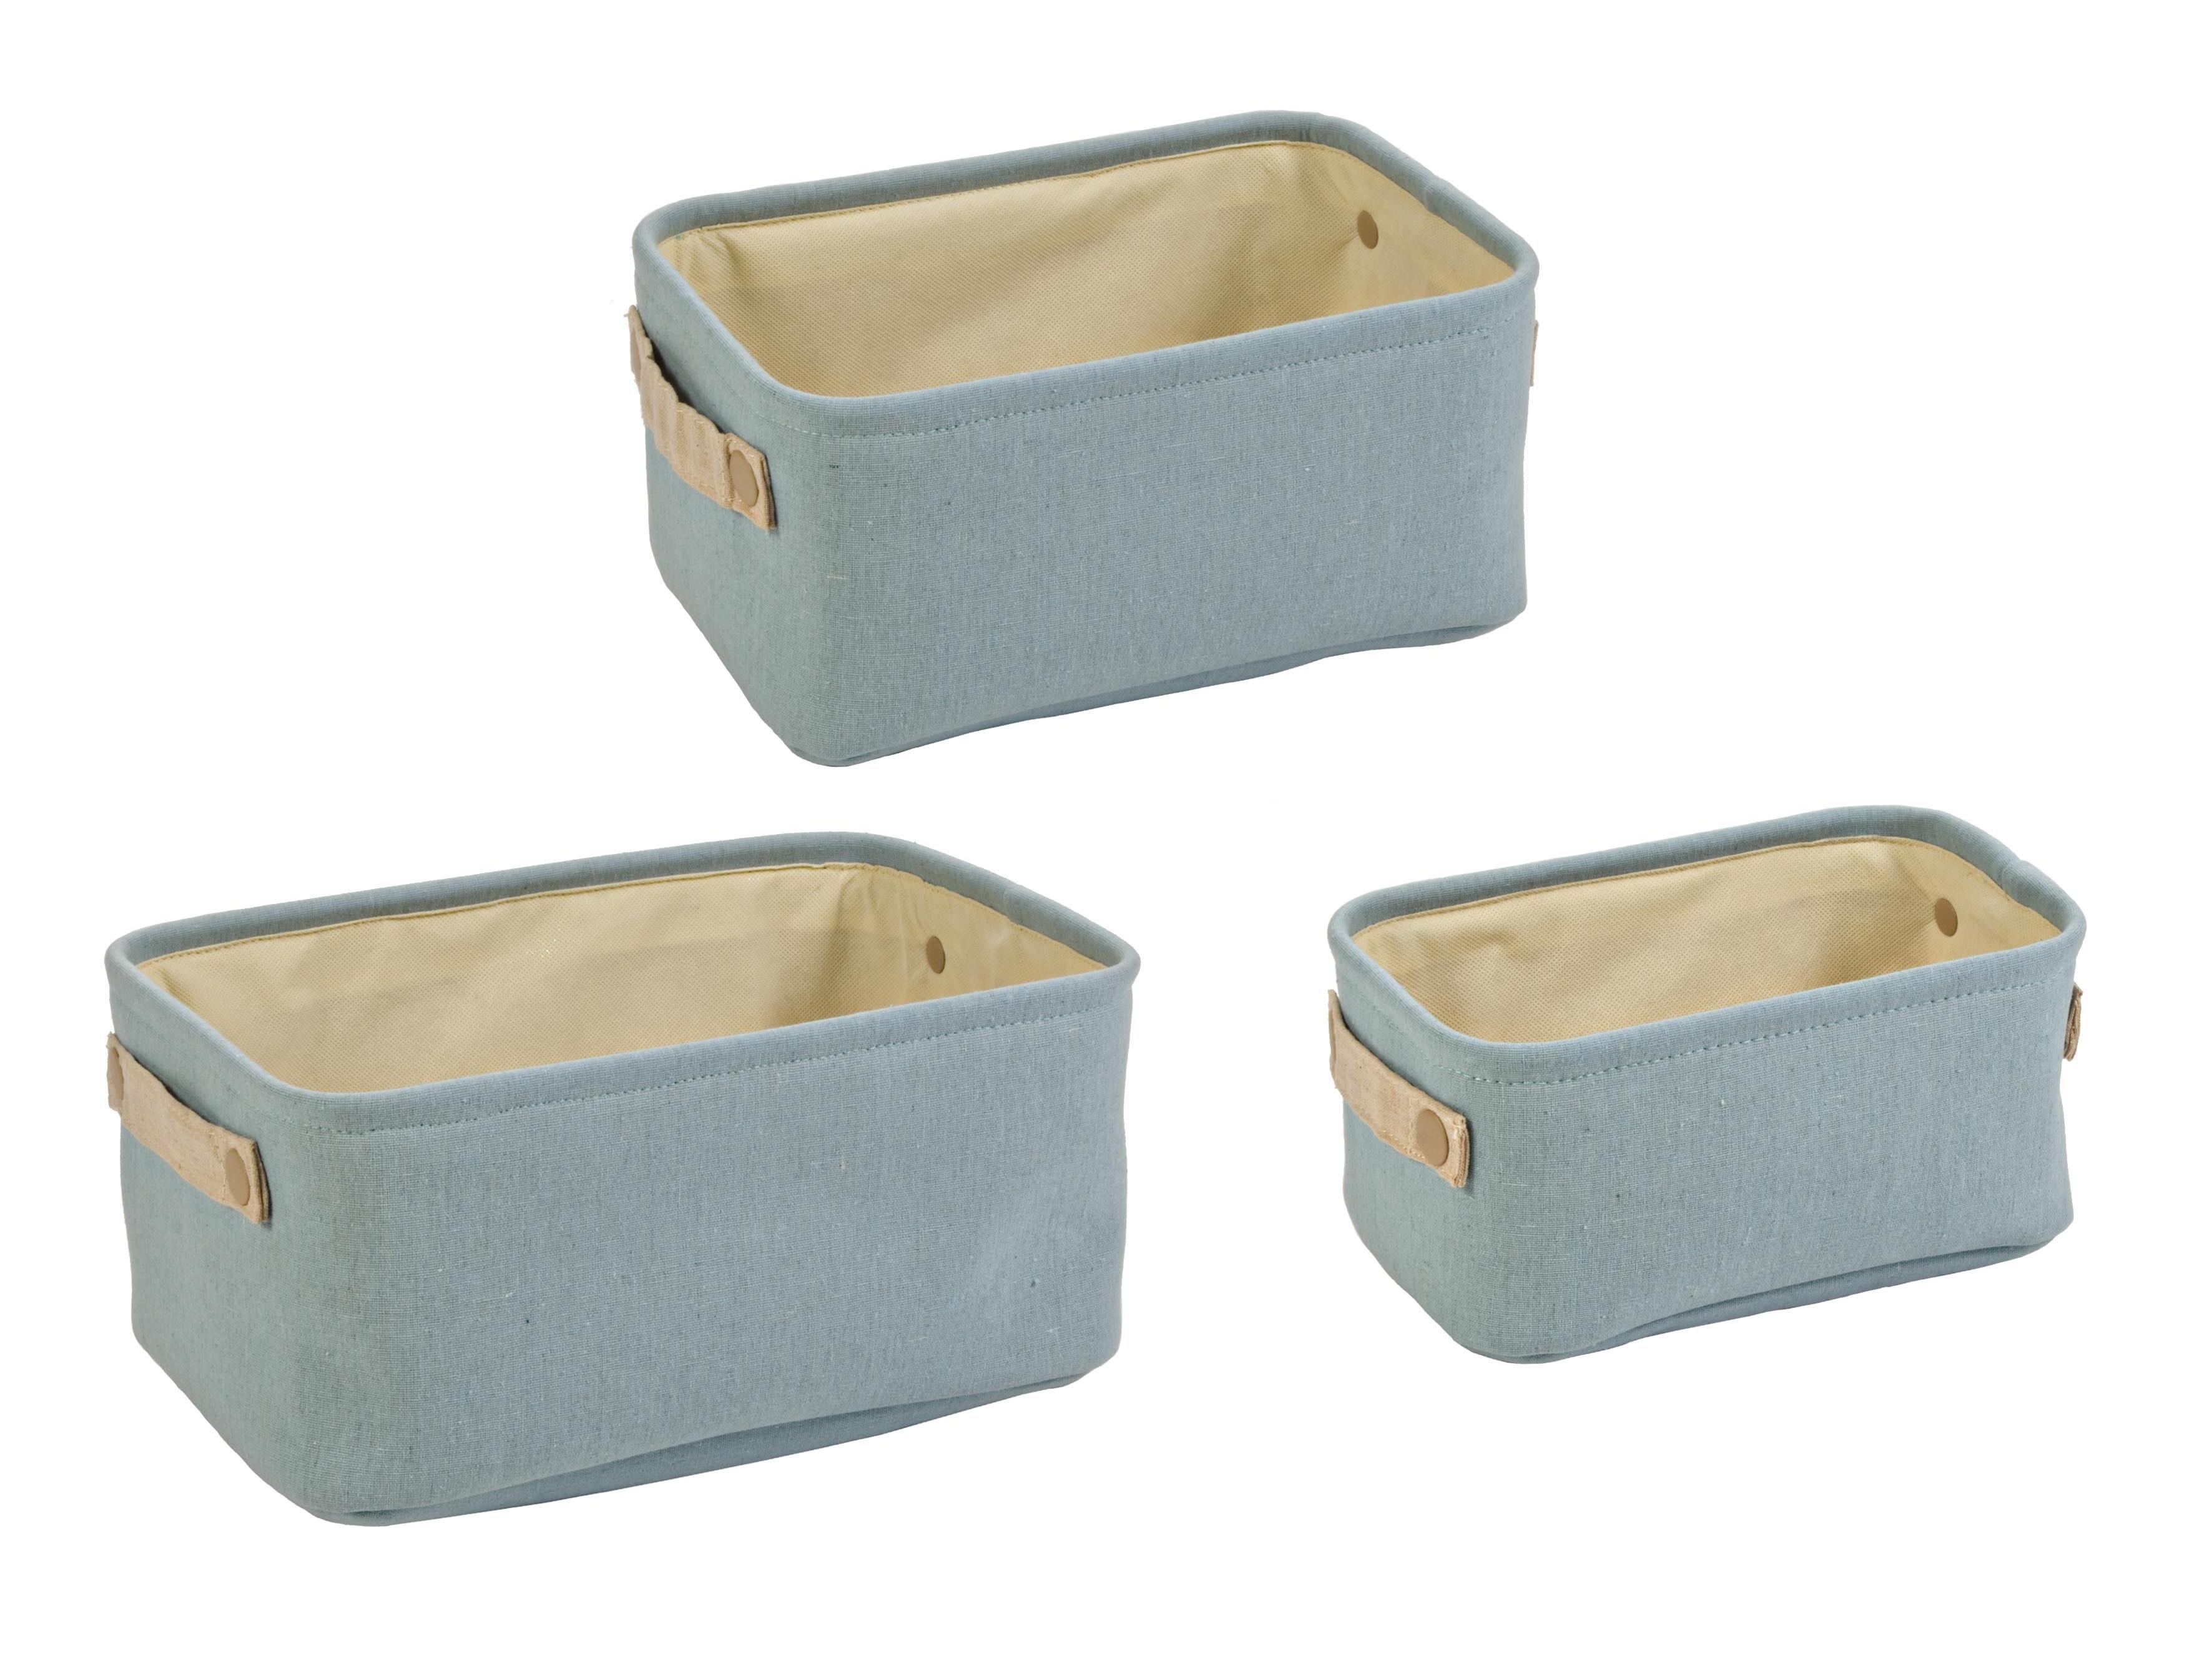 Набор из трех коробок SoftКоробки<br>&amp;lt;div&amp;gt;&amp;lt;span style=&amp;quot;font-size: 14px;&amp;quot;&amp;gt;Большая коробка: длина 34, ширина 24, высота 16;&amp;amp;nbsp;&amp;lt;/span&amp;gt;&amp;lt;/div&amp;gt;&amp;lt;div&amp;gt;&amp;lt;span style=&amp;quot;font-size: 14px;&amp;quot;&amp;gt;средняя коробка: длина 30, ширина 20, высота 14;&amp;amp;nbsp;&amp;lt;/span&amp;gt;&amp;lt;/div&amp;gt;&amp;lt;div&amp;gt;&amp;lt;span style=&amp;quot;font-size: 14px;&amp;quot;&amp;gt;маленькая коробка: длина 26, ширина 16, высота 12.&amp;amp;nbsp;&amp;lt;/span&amp;gt;&amp;lt;/div&amp;gt;&amp;lt;div&amp;gt;&amp;lt;span style=&amp;quot;font-size: 14px;&amp;quot;&amp;gt;&amp;lt;br&amp;gt;&amp;lt;/span&amp;gt;&amp;lt;/div&amp;gt;&amp;lt;div&amp;gt;&amp;lt;span style=&amp;quot;font-size: 14px;&amp;quot;&amp;gt;Материал: полиэстер, нетканный материал.&amp;lt;/span&amp;gt;&amp;lt;br&amp;gt;&amp;lt;/div&amp;gt;<br><br>Material: Текстиль<br>Length см: None<br>Width см: 34<br>Depth см: 24<br>Height см: 16